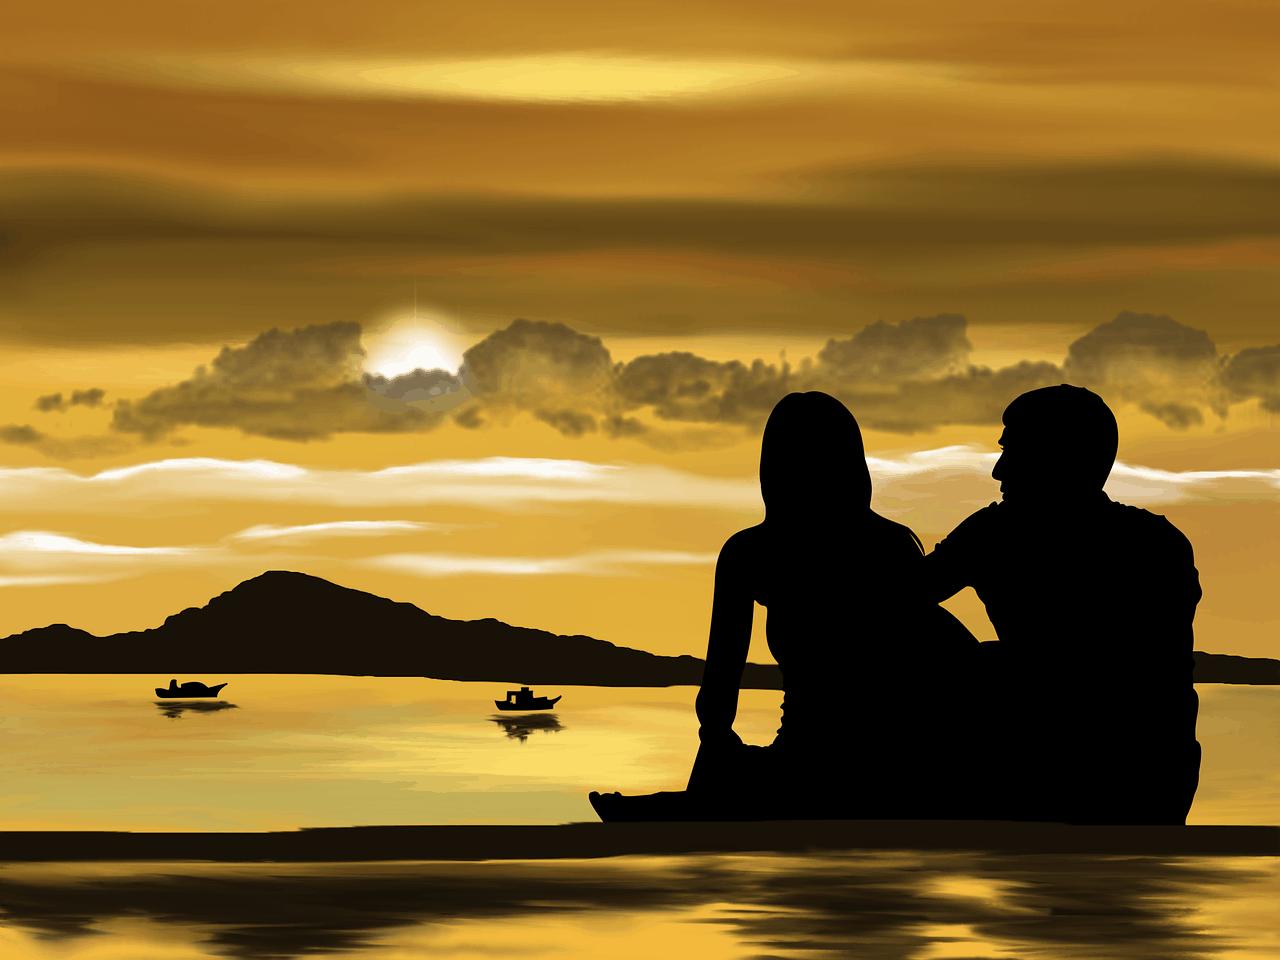 זוג בחופשה על ספת הים